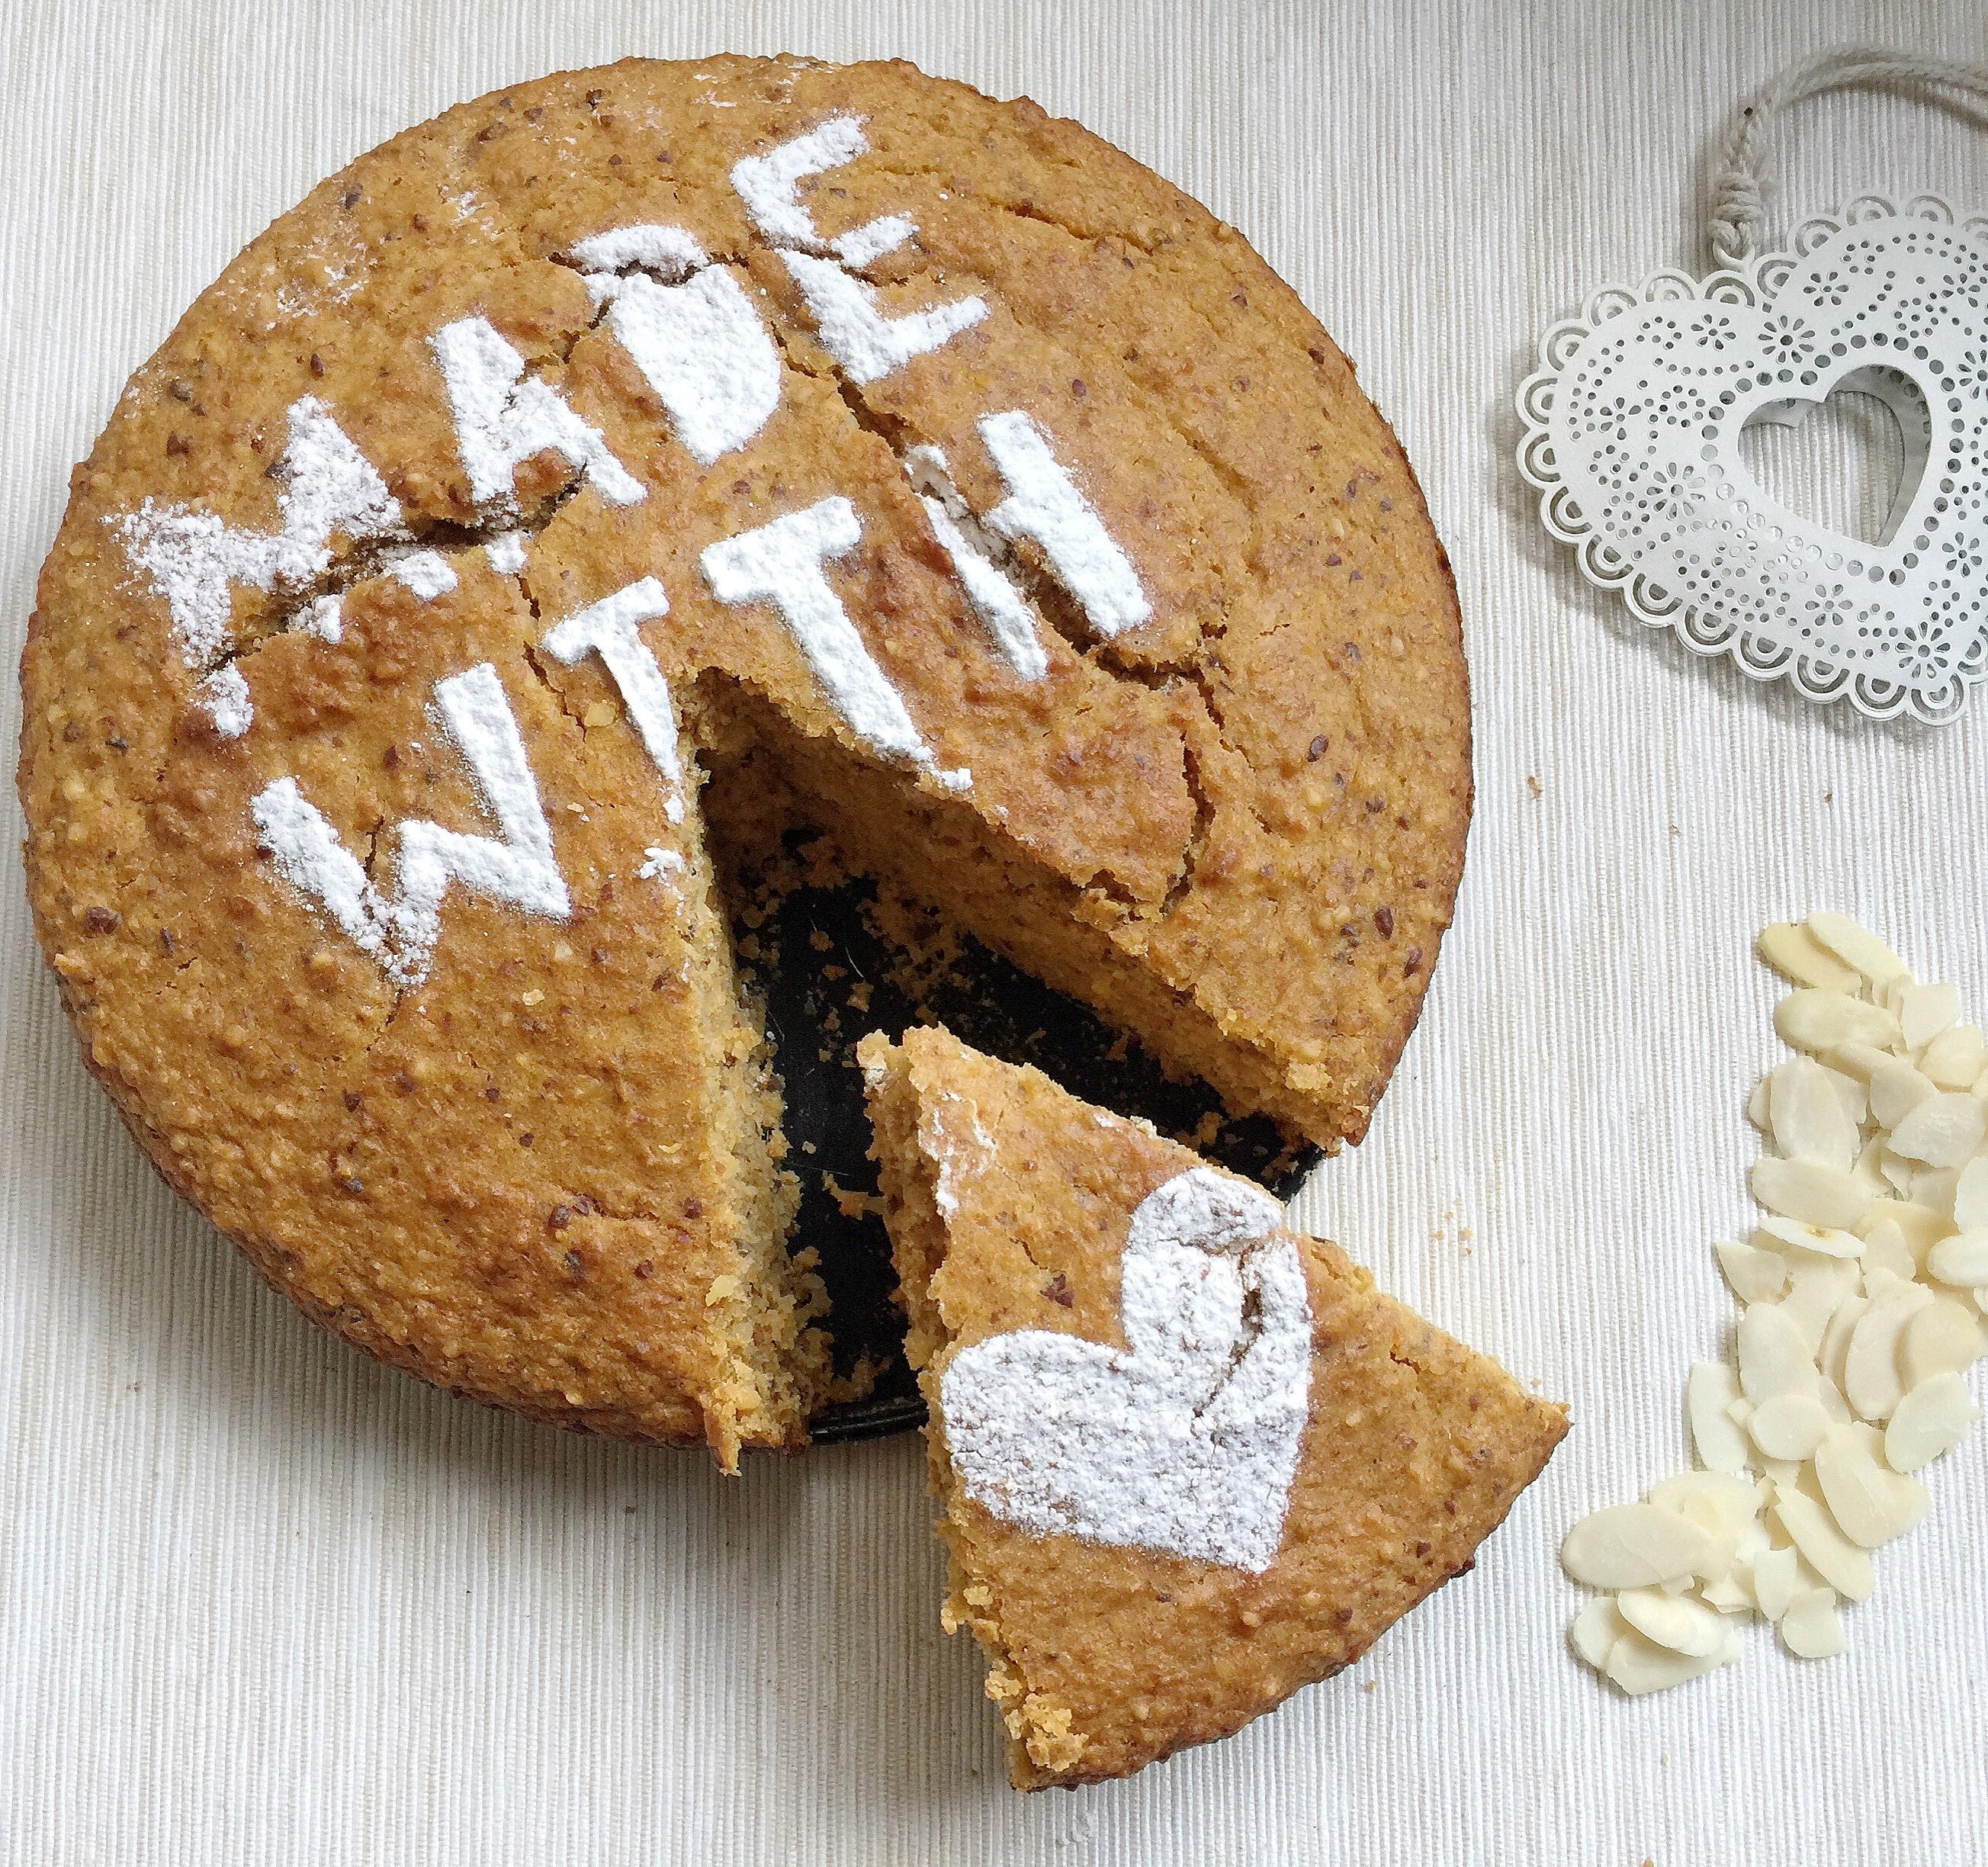 Torta Carote e Mandorle Senza Burro, il dolce goloso sano e genuino di dolci senza burro